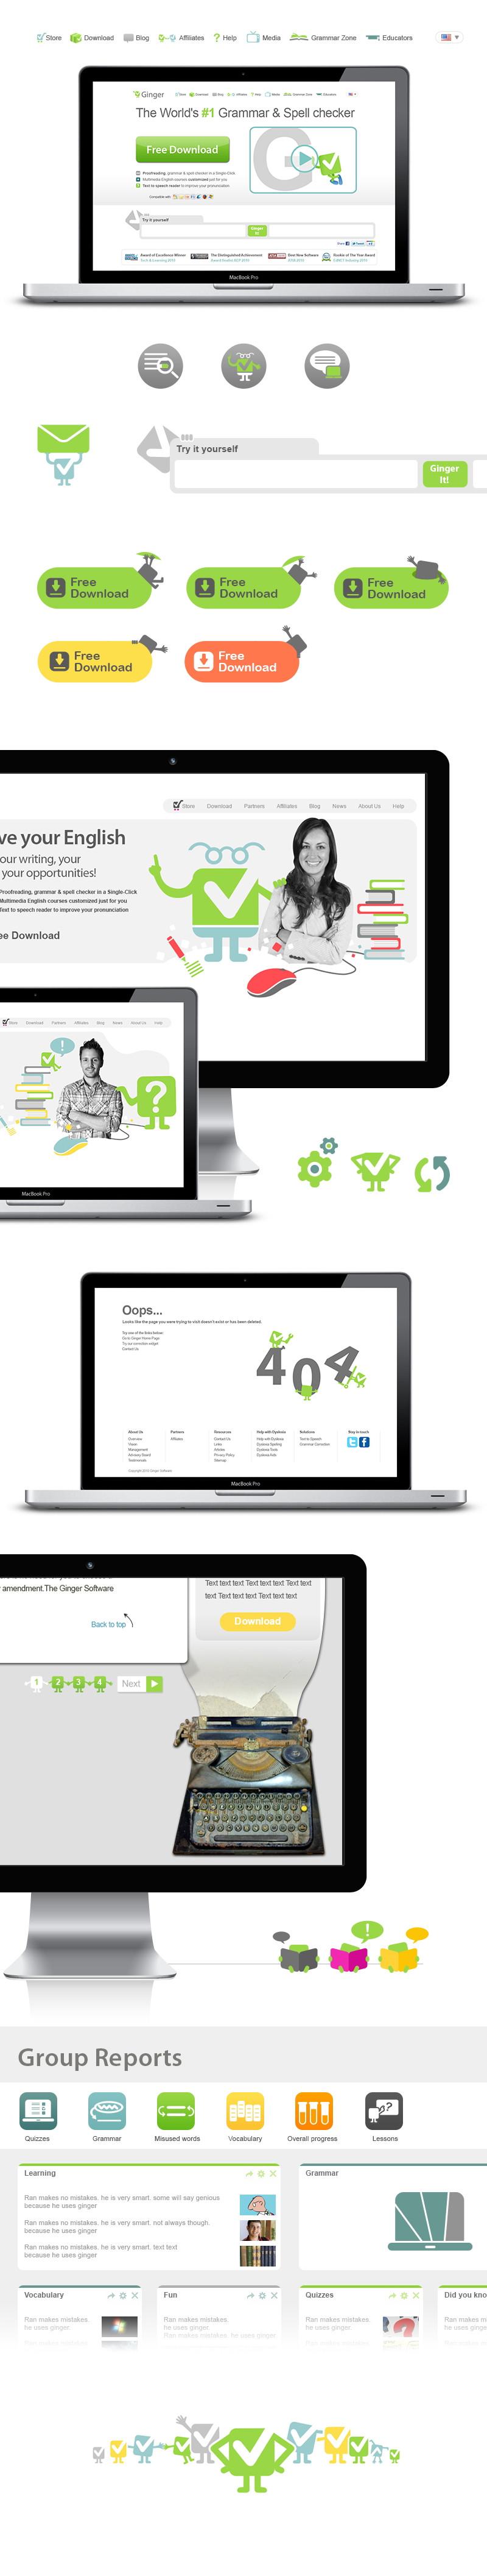 Ginger Software web design